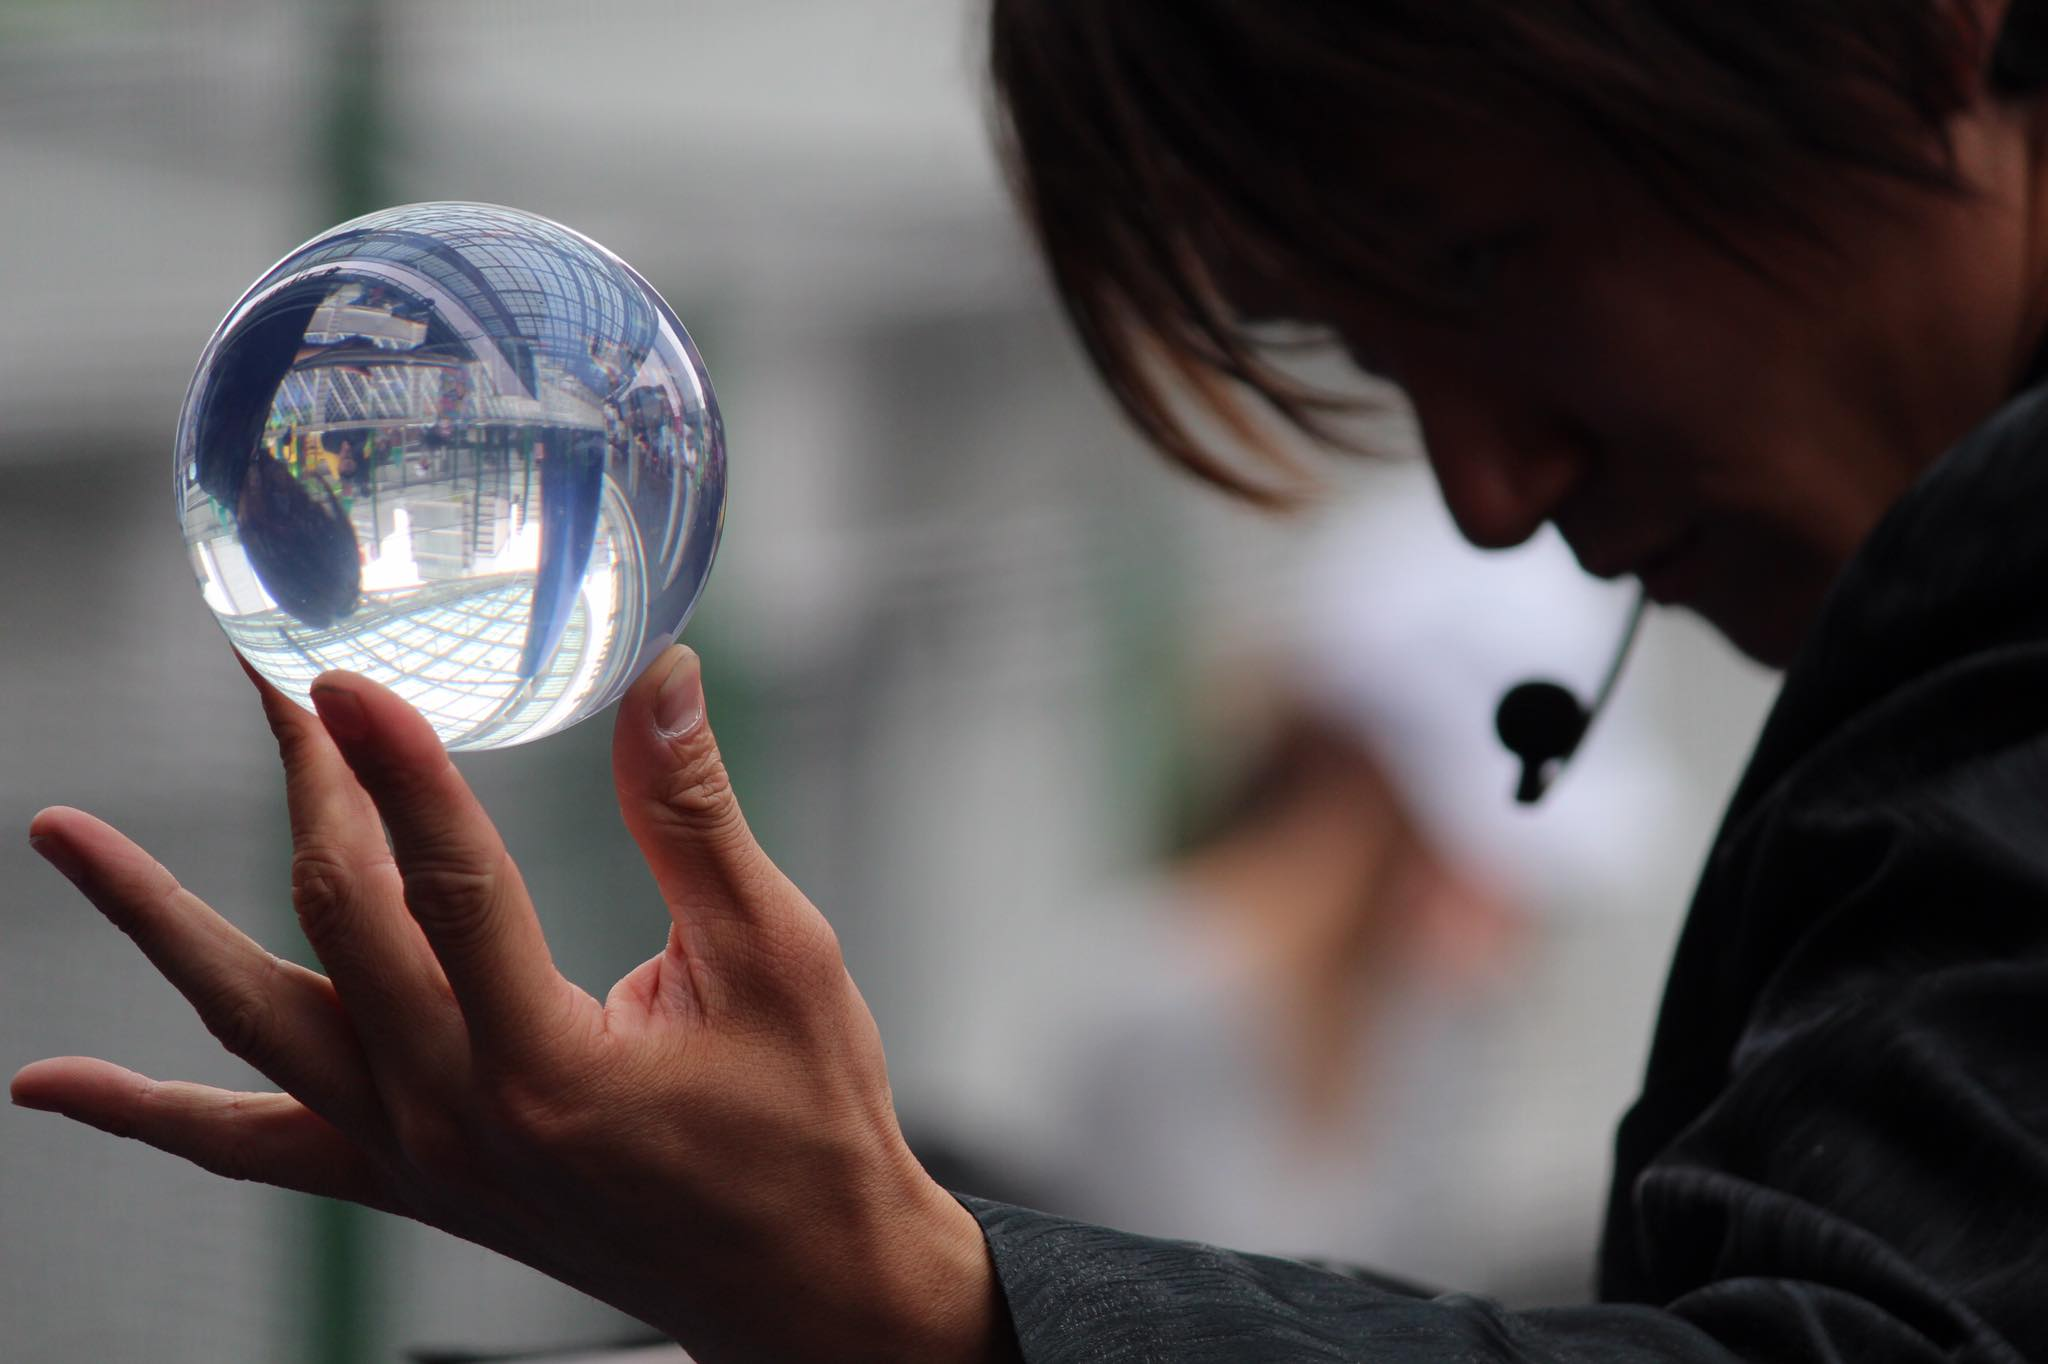 関西(大阪)のマジシャン大道芸人Entertainer MIKIYAが水晶玉をかっこよく持っている